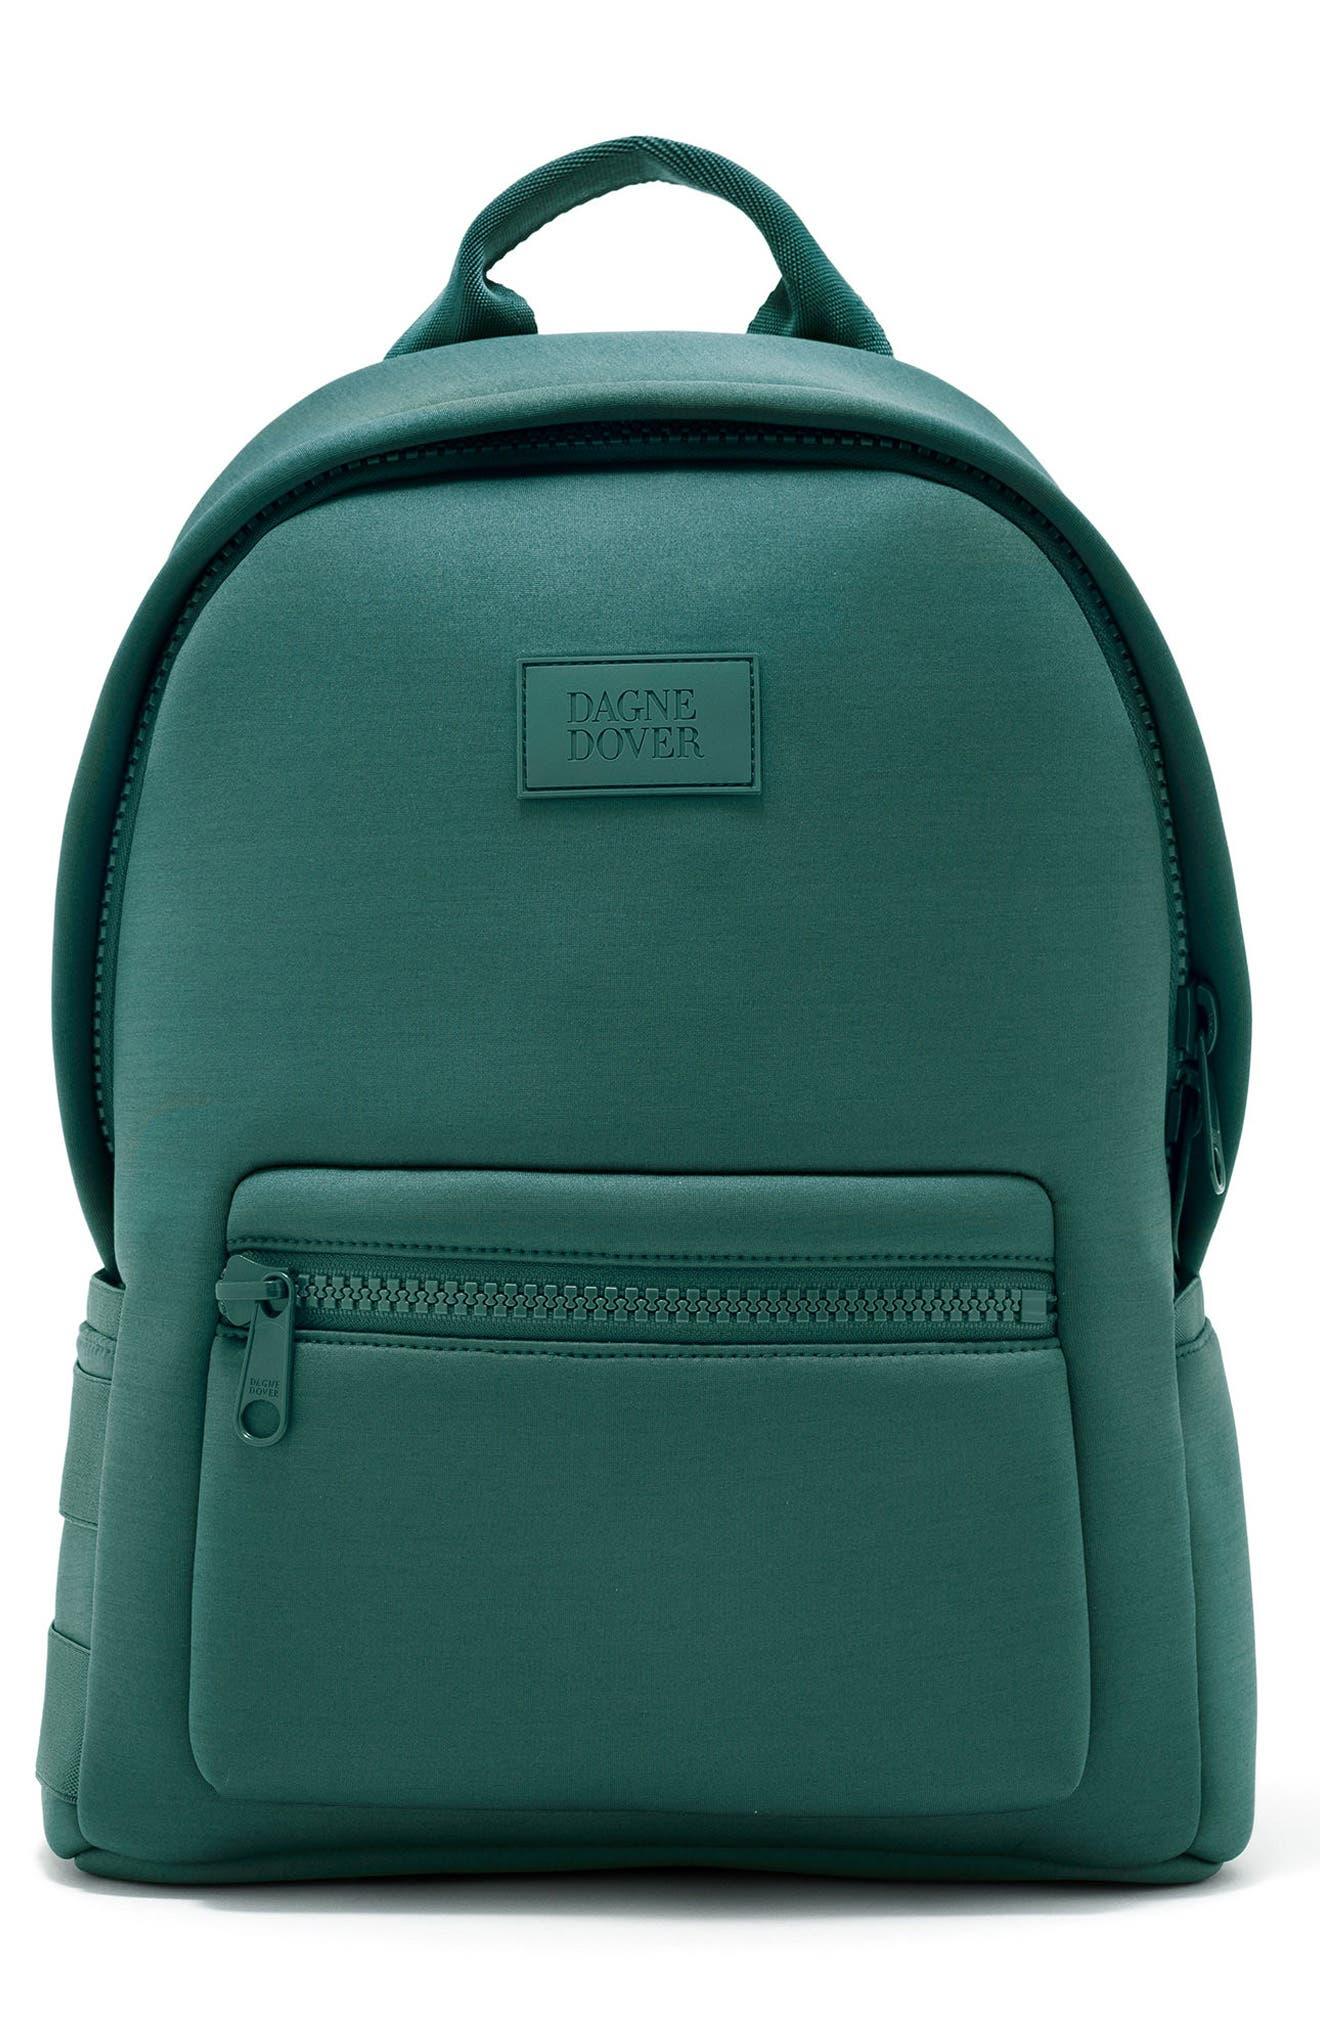 Dagne Dover 365 Dakota Neoprene Backpack